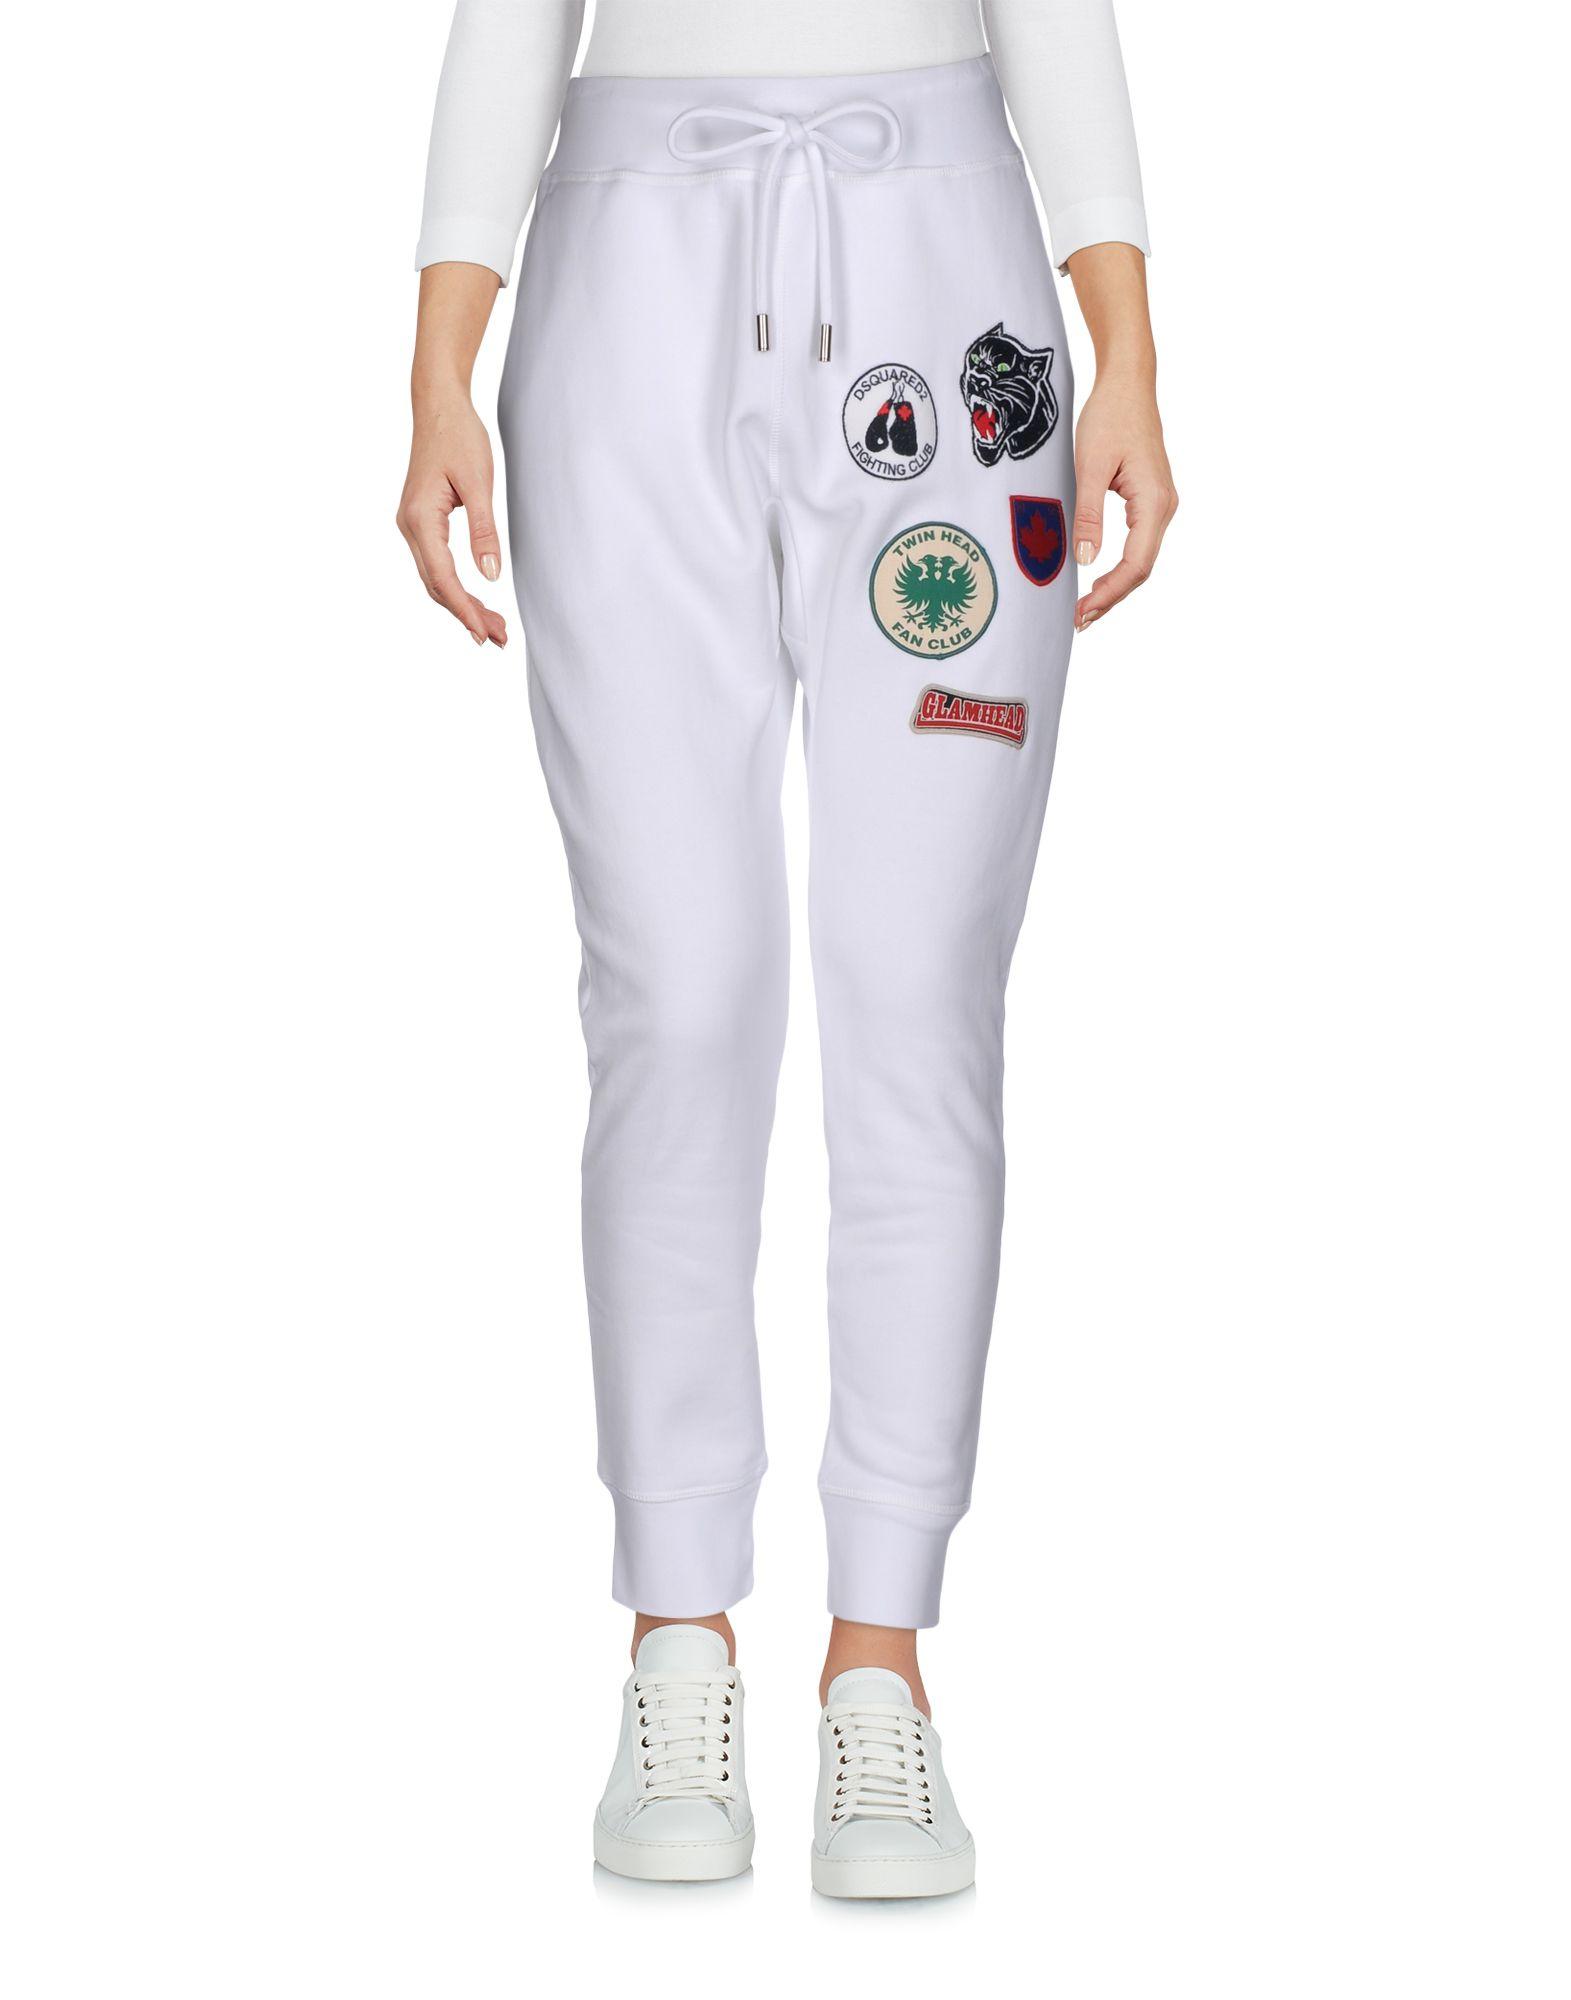 Pantalone Dsquared2 Donna - Acquista online su 2XbeIhYWQ